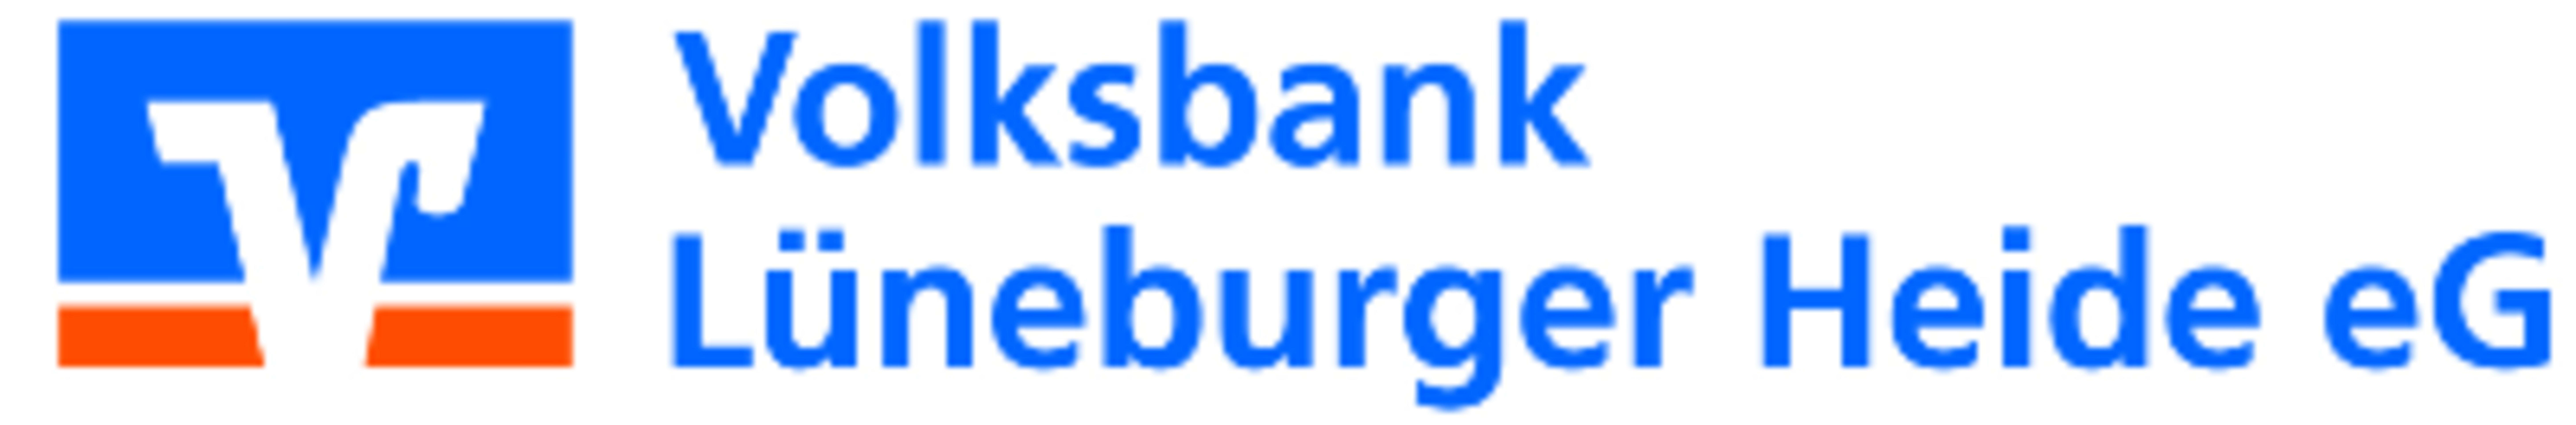 logo Volksbank Lüneburger Heide eG